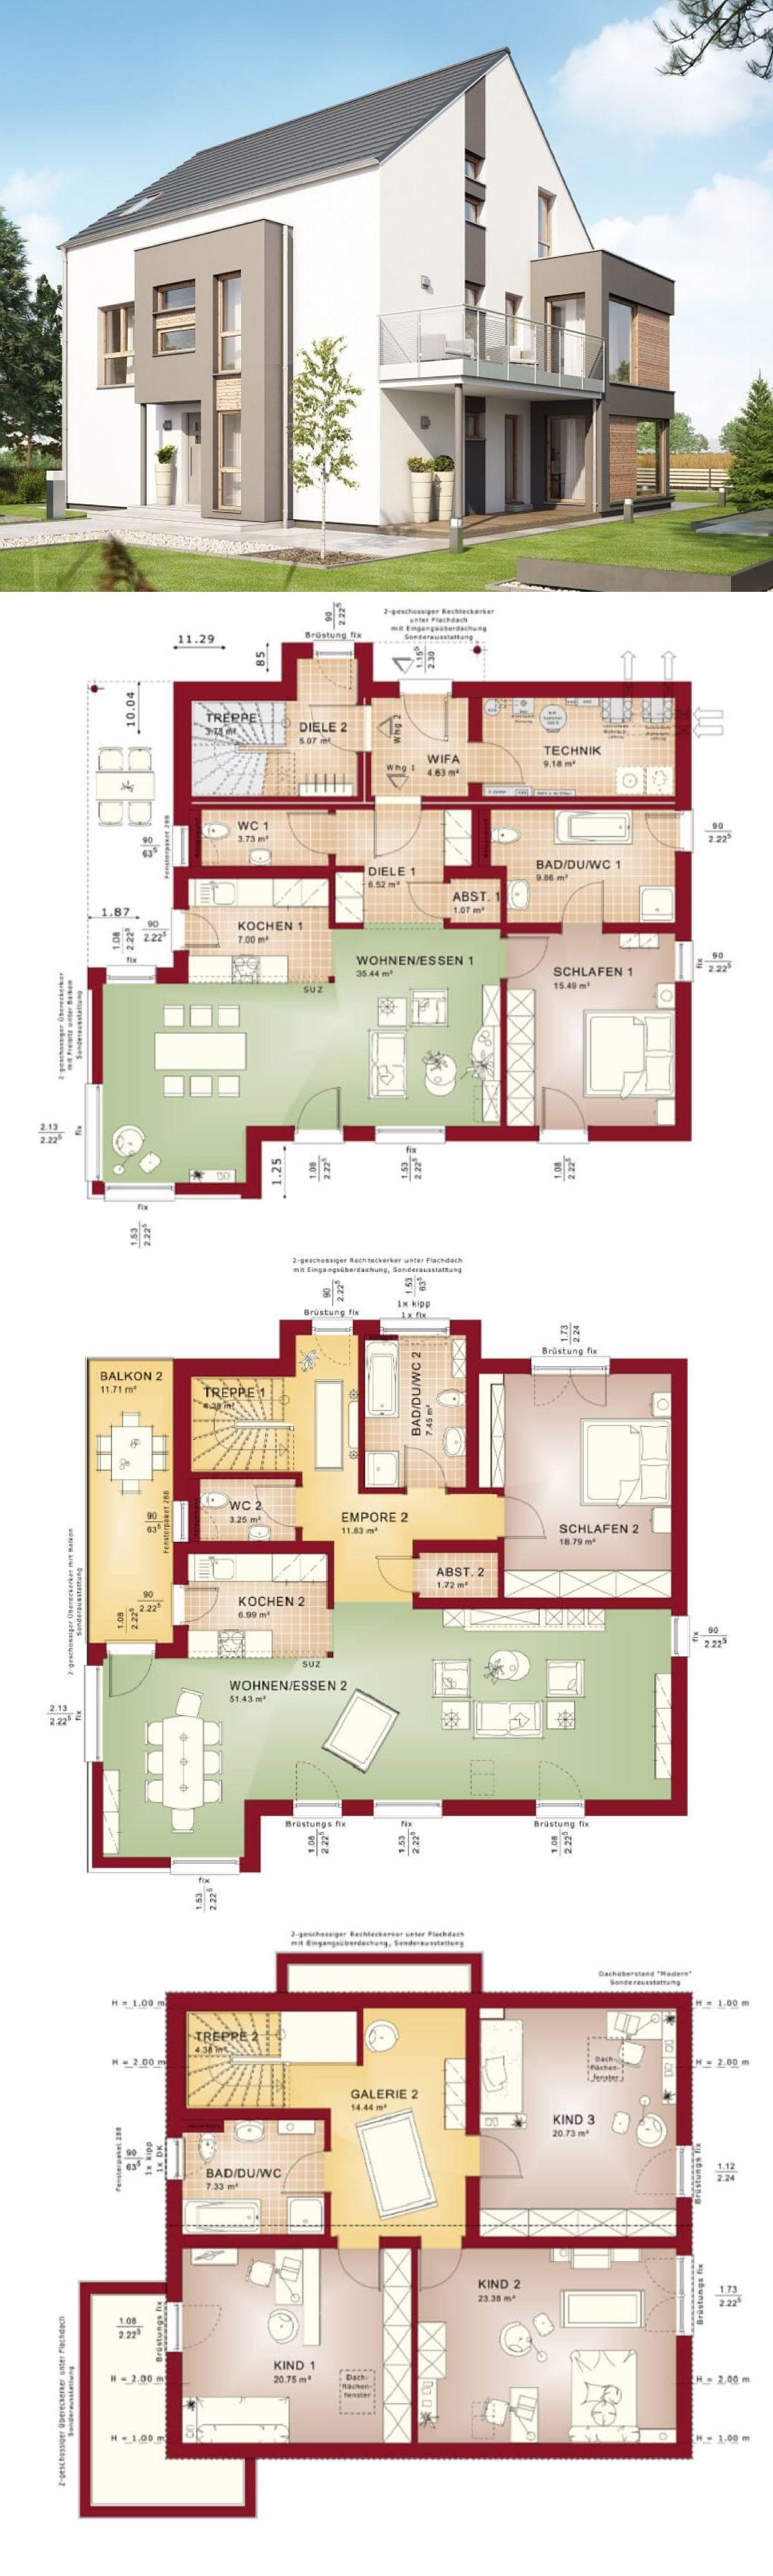 40 Meilleures Idees Sur Plan De Maison Mitoyenne Plan De Maison Mitoyenne Maison Mitoyenne Plan De Maison